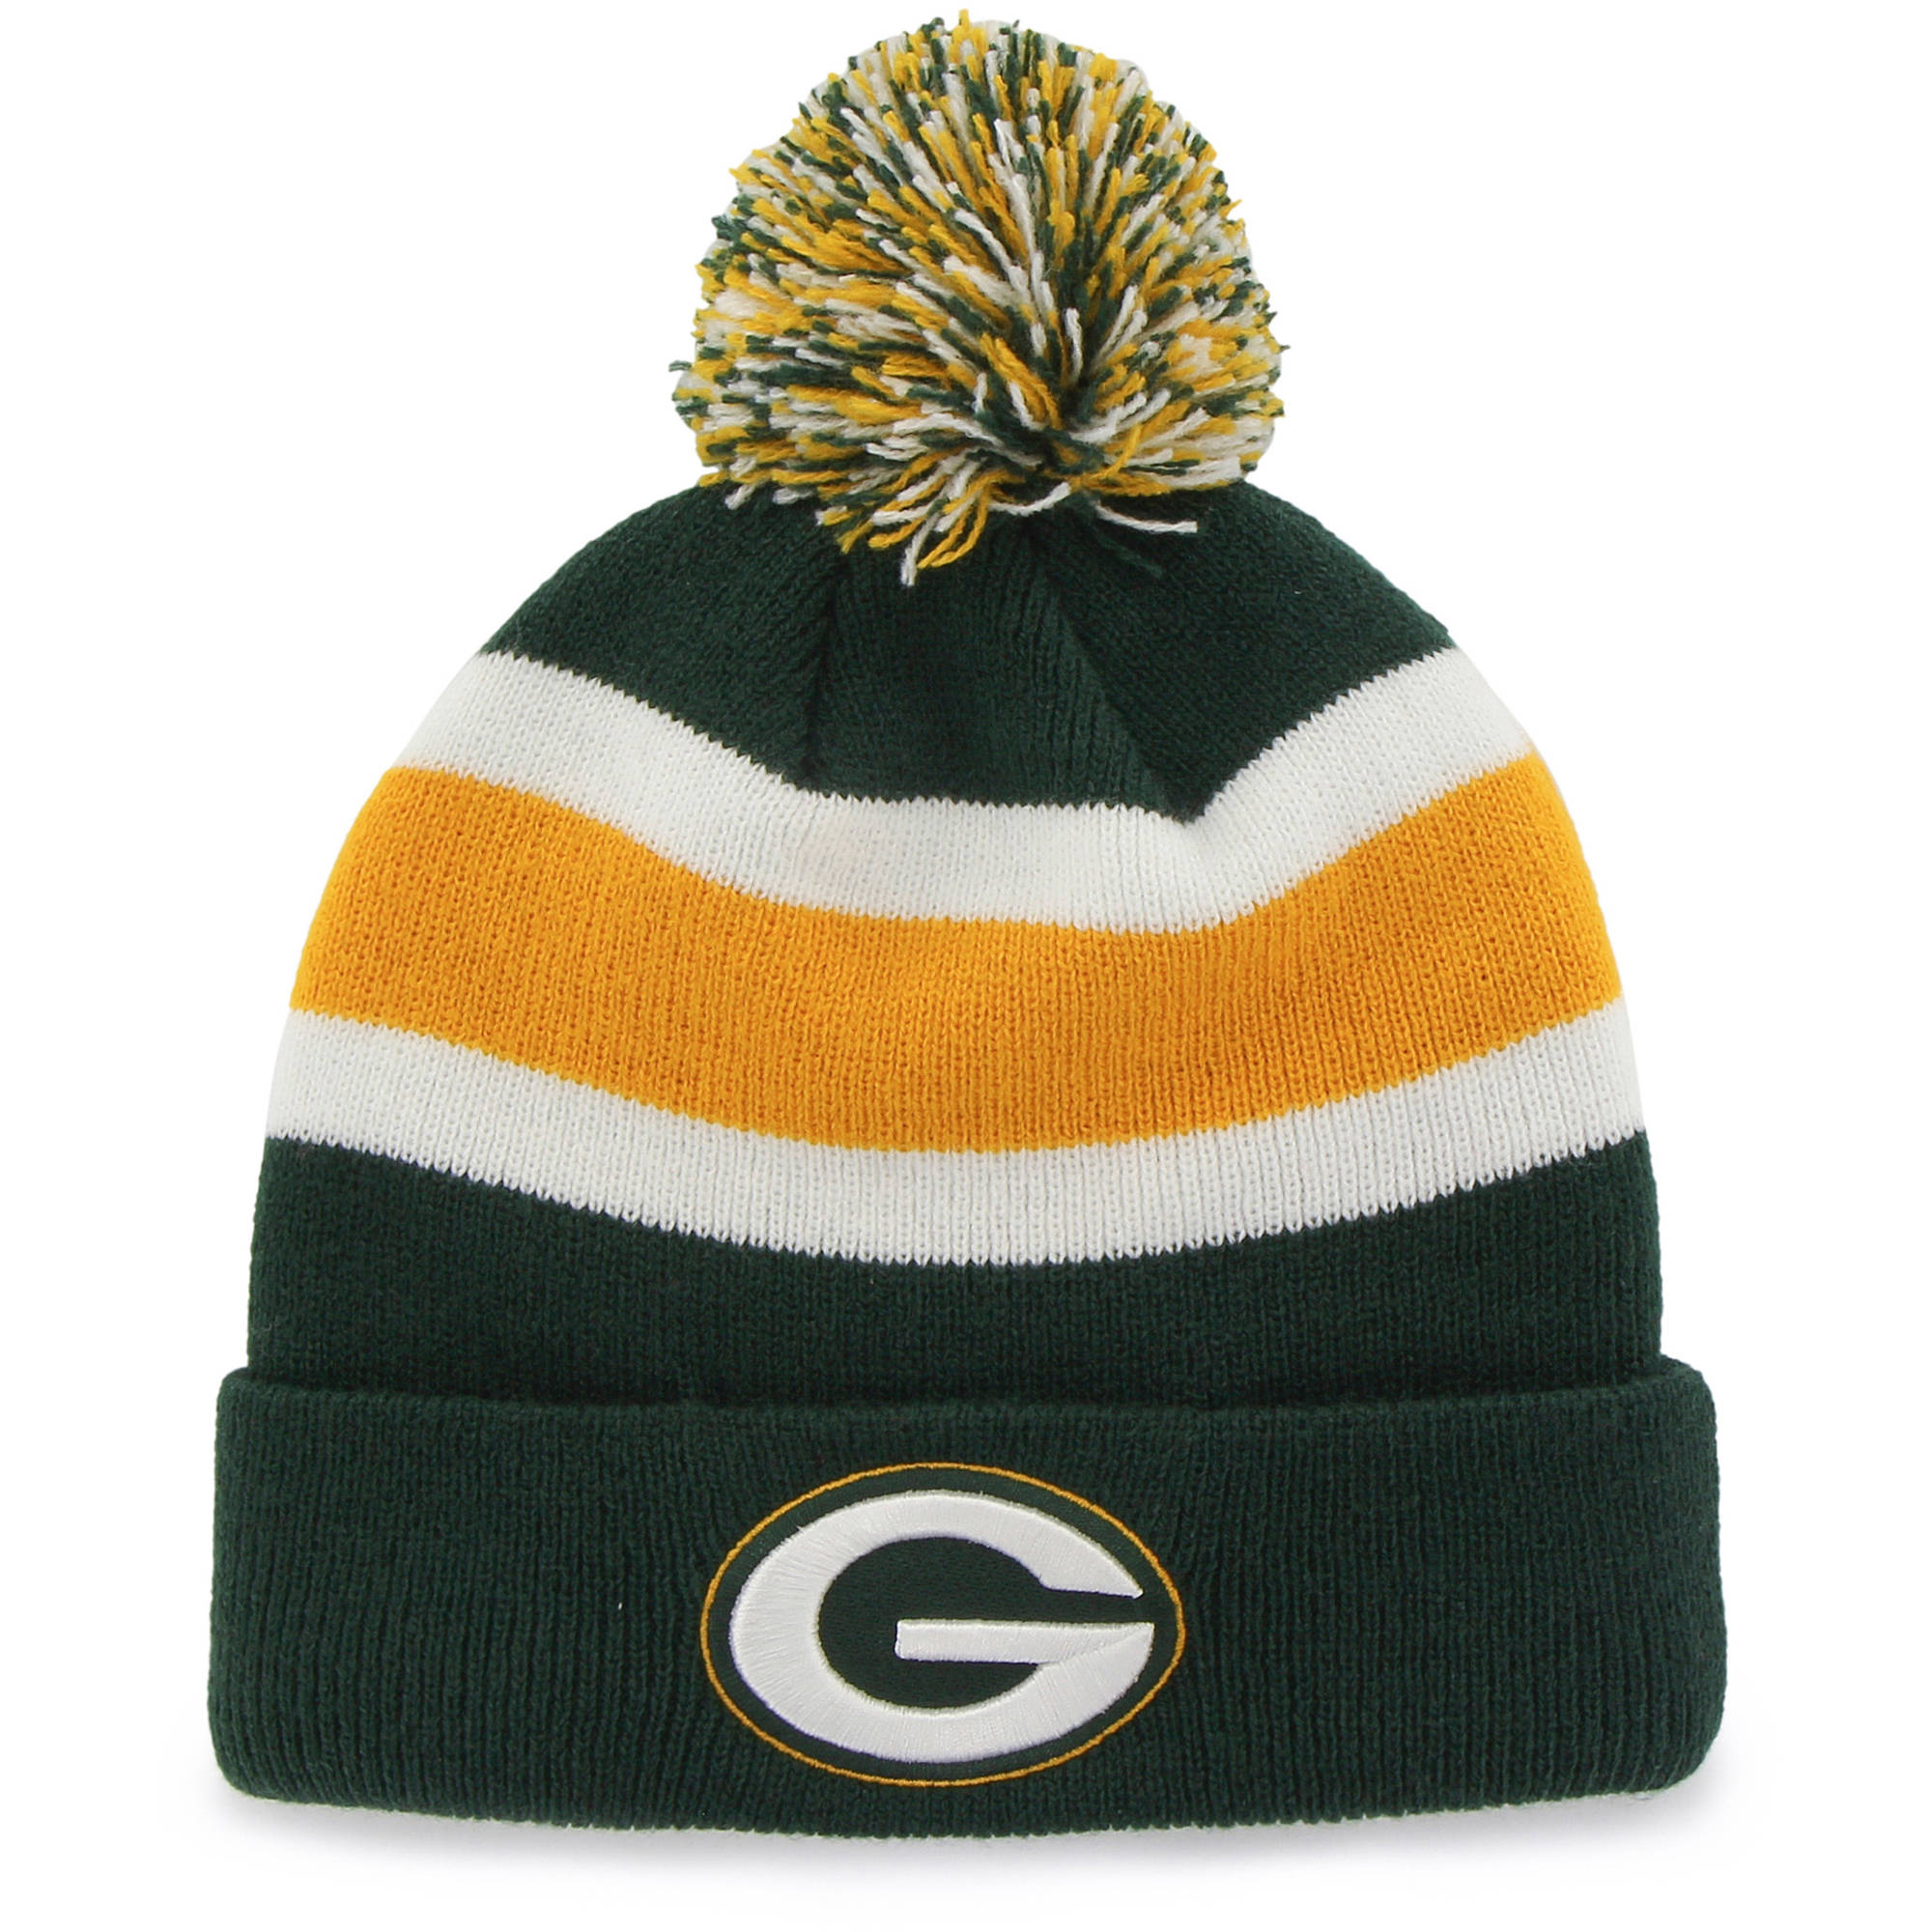 NFL Green Bay Packers Breakaway Knit Beanie with Pom by Fan Favorite by 47 Brand